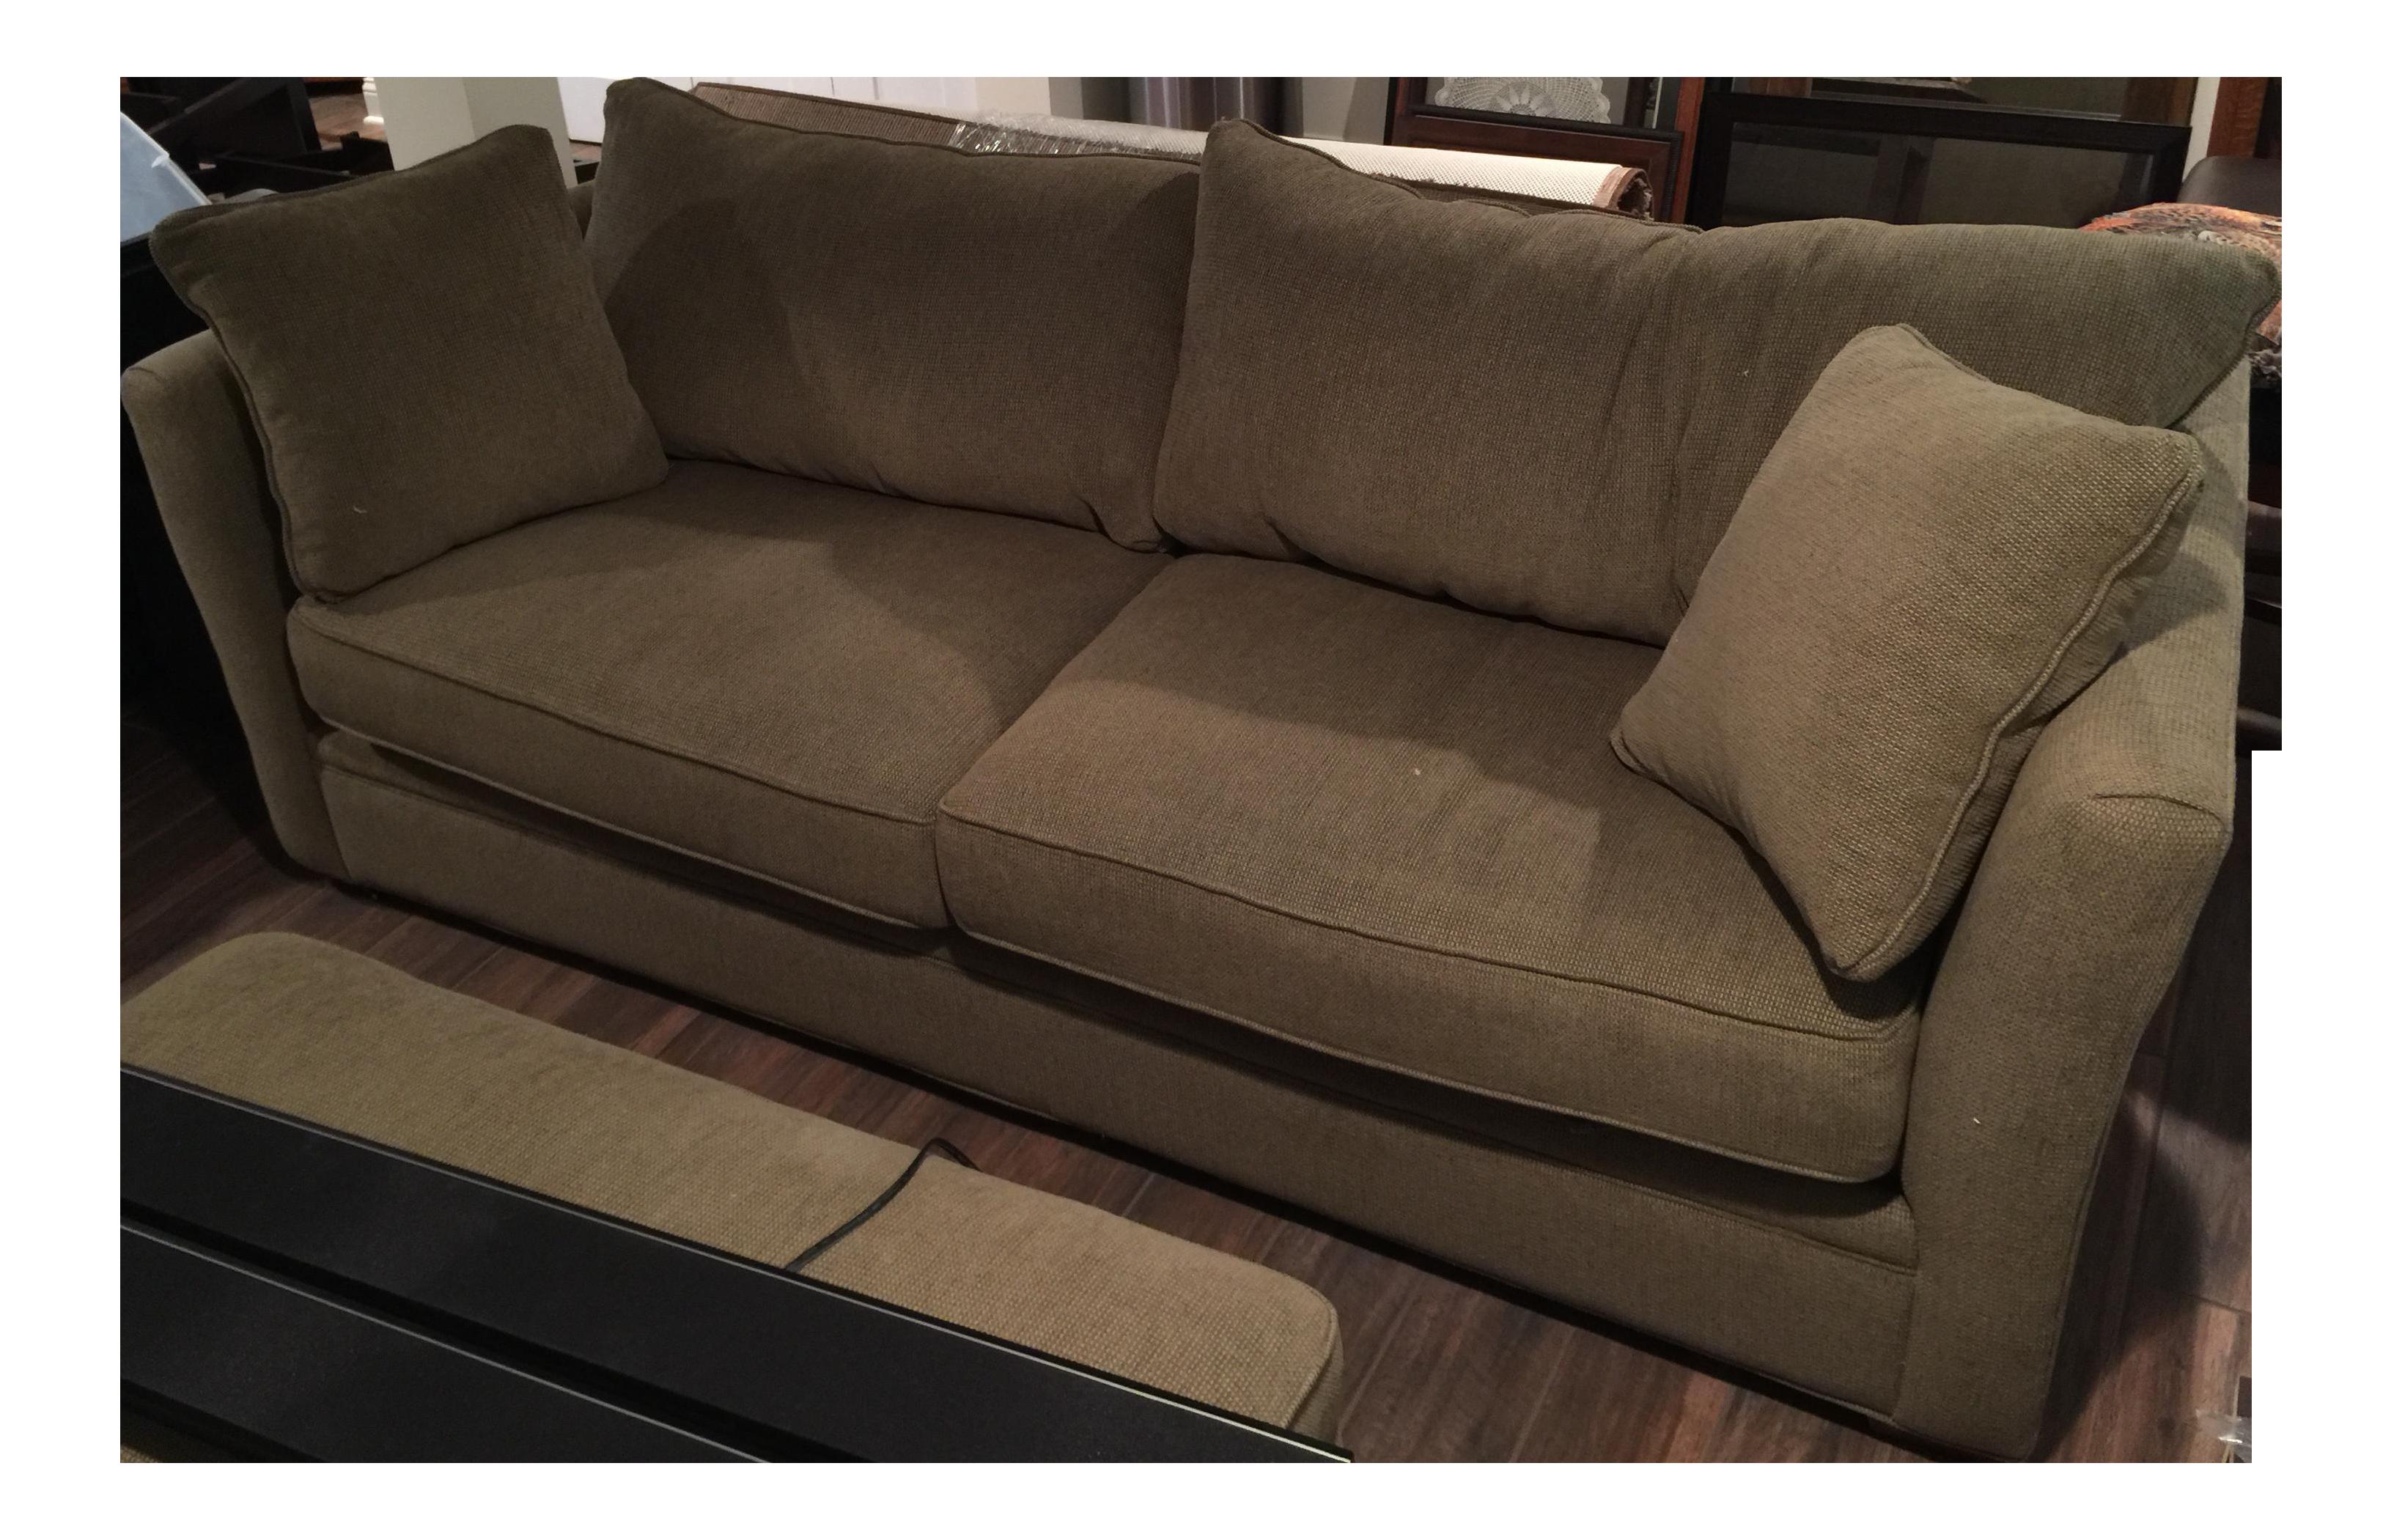 Room & Board Pennington Sleeper Sofa